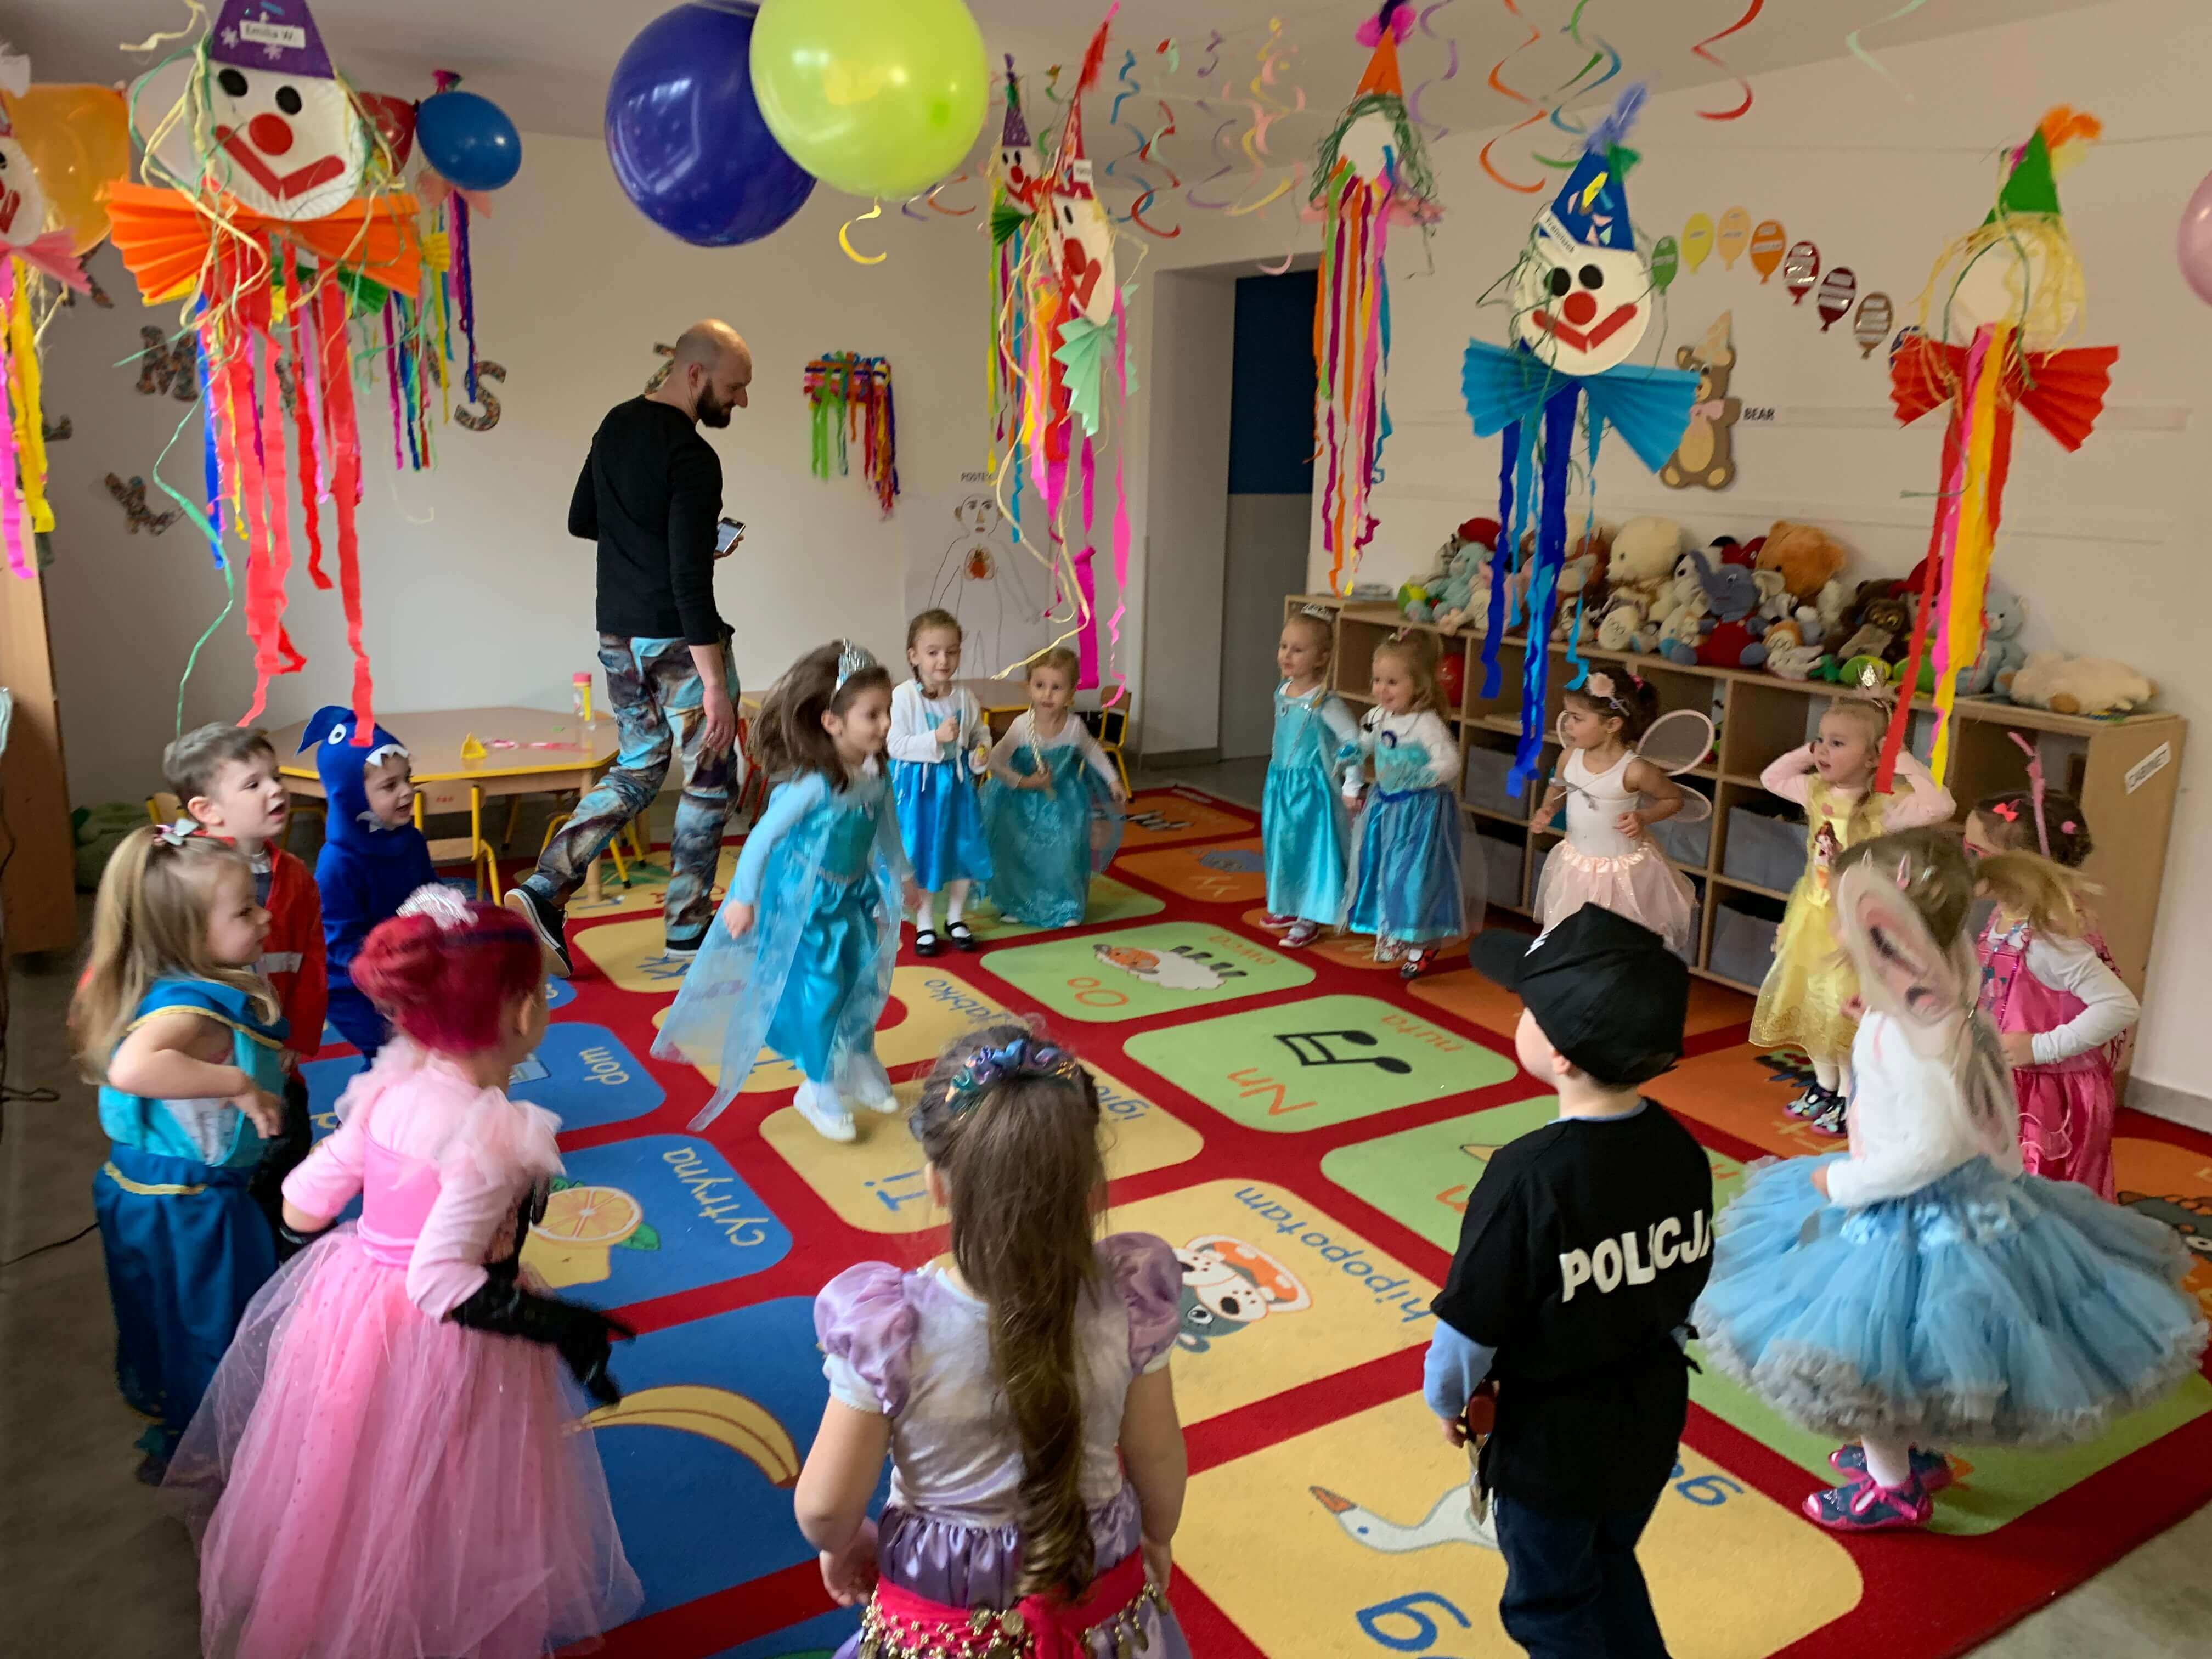 Karnawał 2019 w przedszkolu i żłobku 2 języki Wieliczka – Tomaszkowice